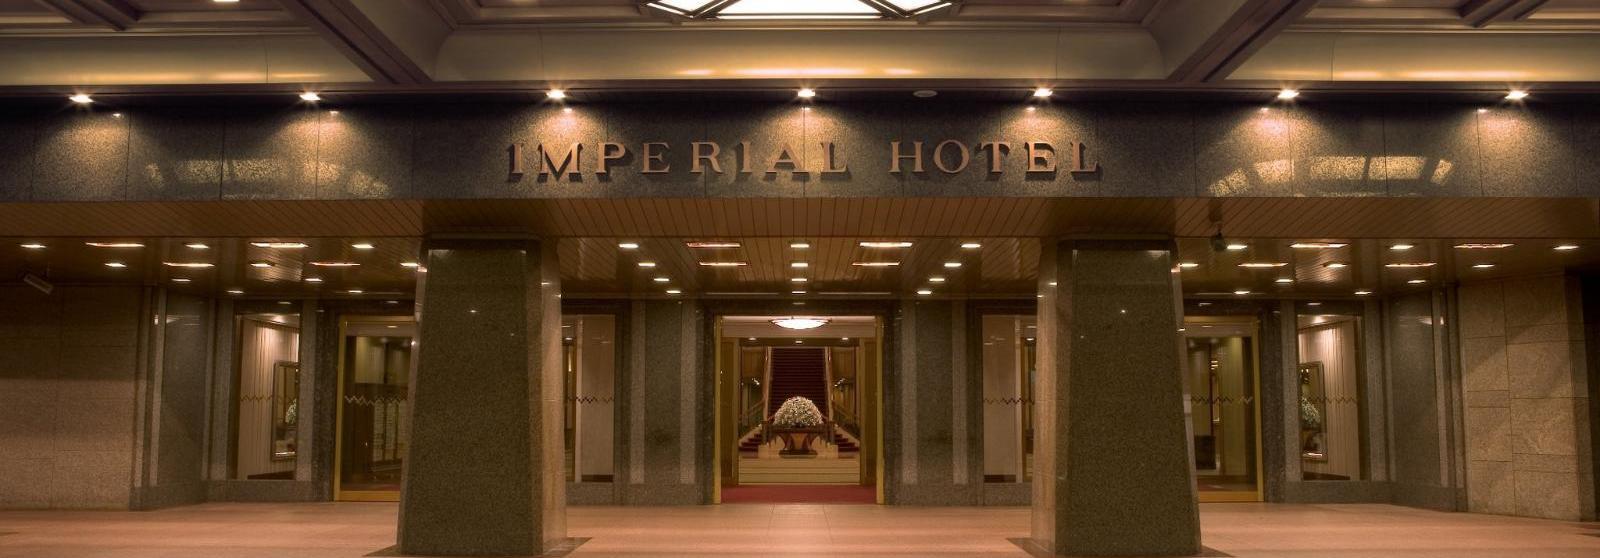 东京帝国酒店(Imperial Hotel Tokyo) 酒店入口图片  www.lhw.cn